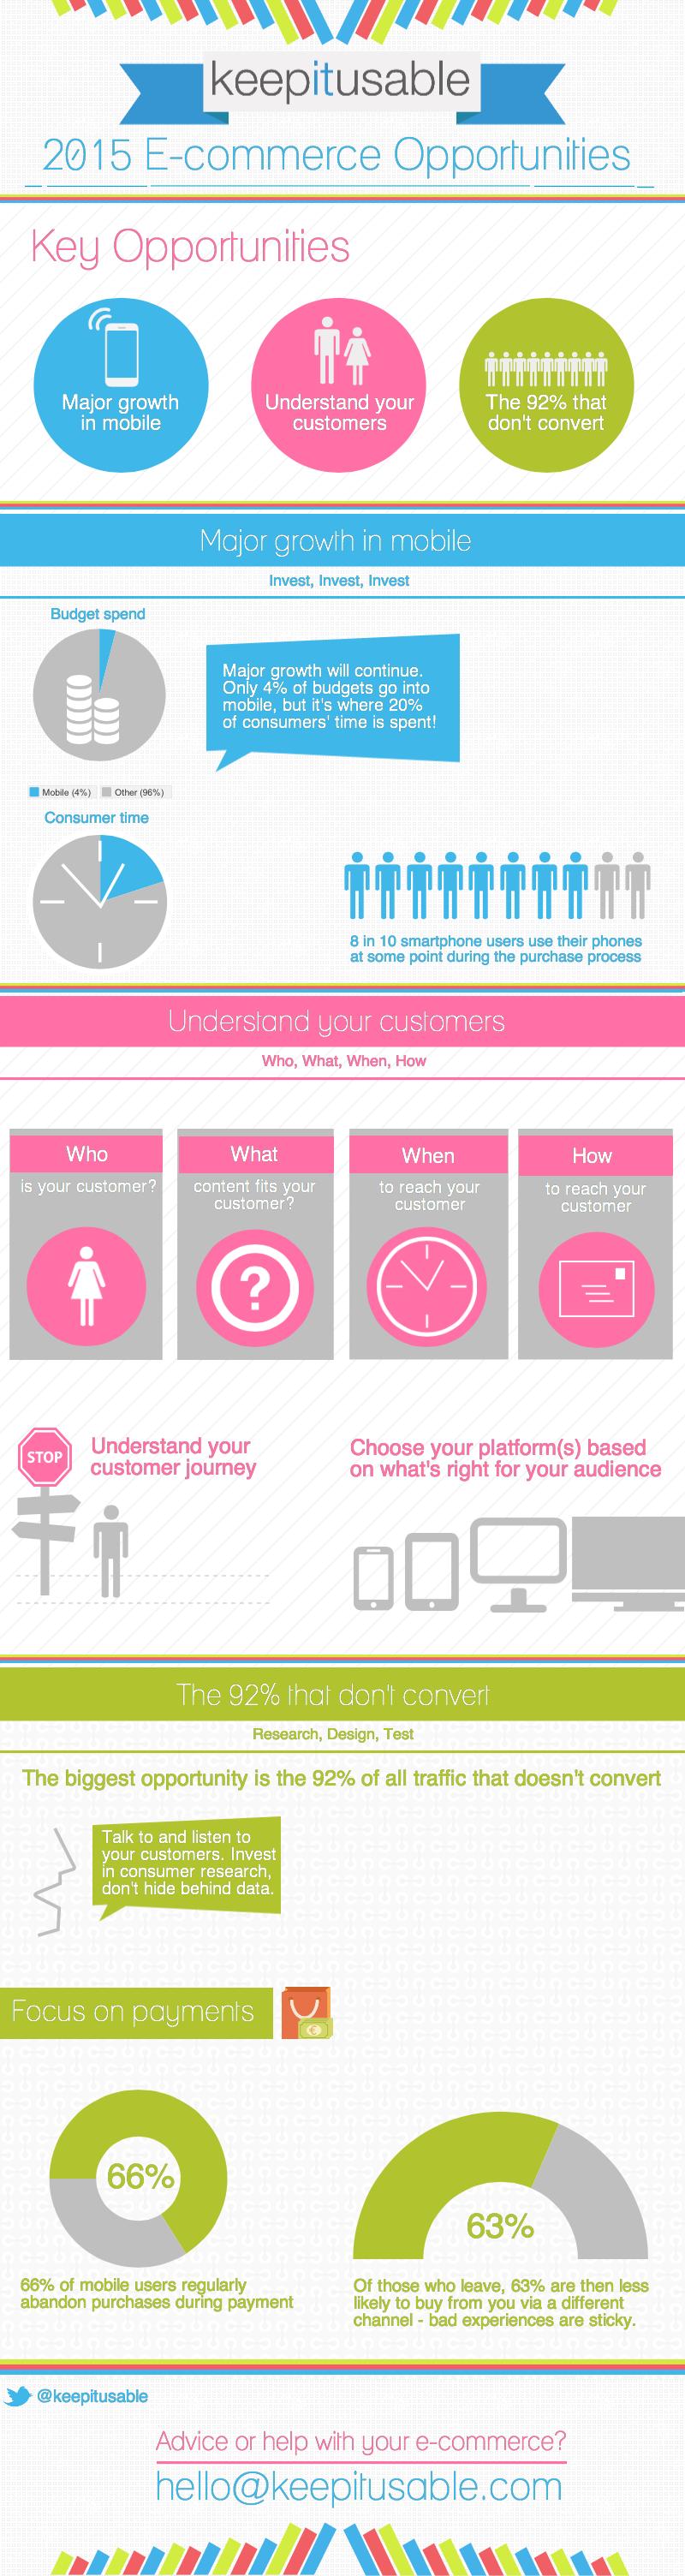 Ecommerce-infographic-2015